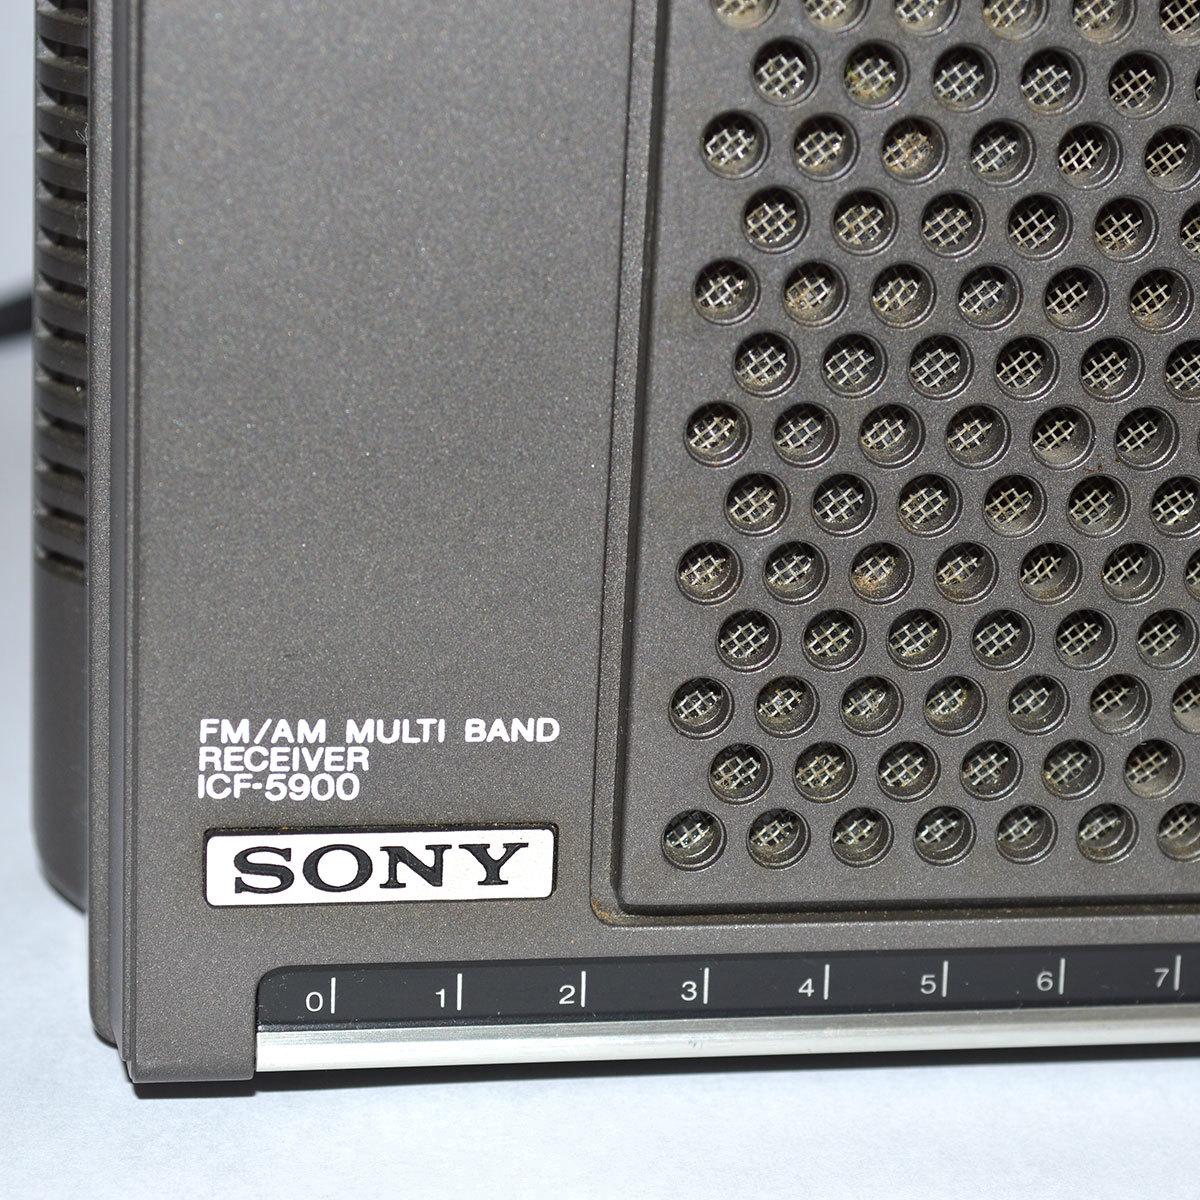 当時物 SONY ソニー ICF-5900 ラジオ スカイセンサー 5BAND バンド マルチバンド レシーバー 昭和 レトロ 東E_画像6